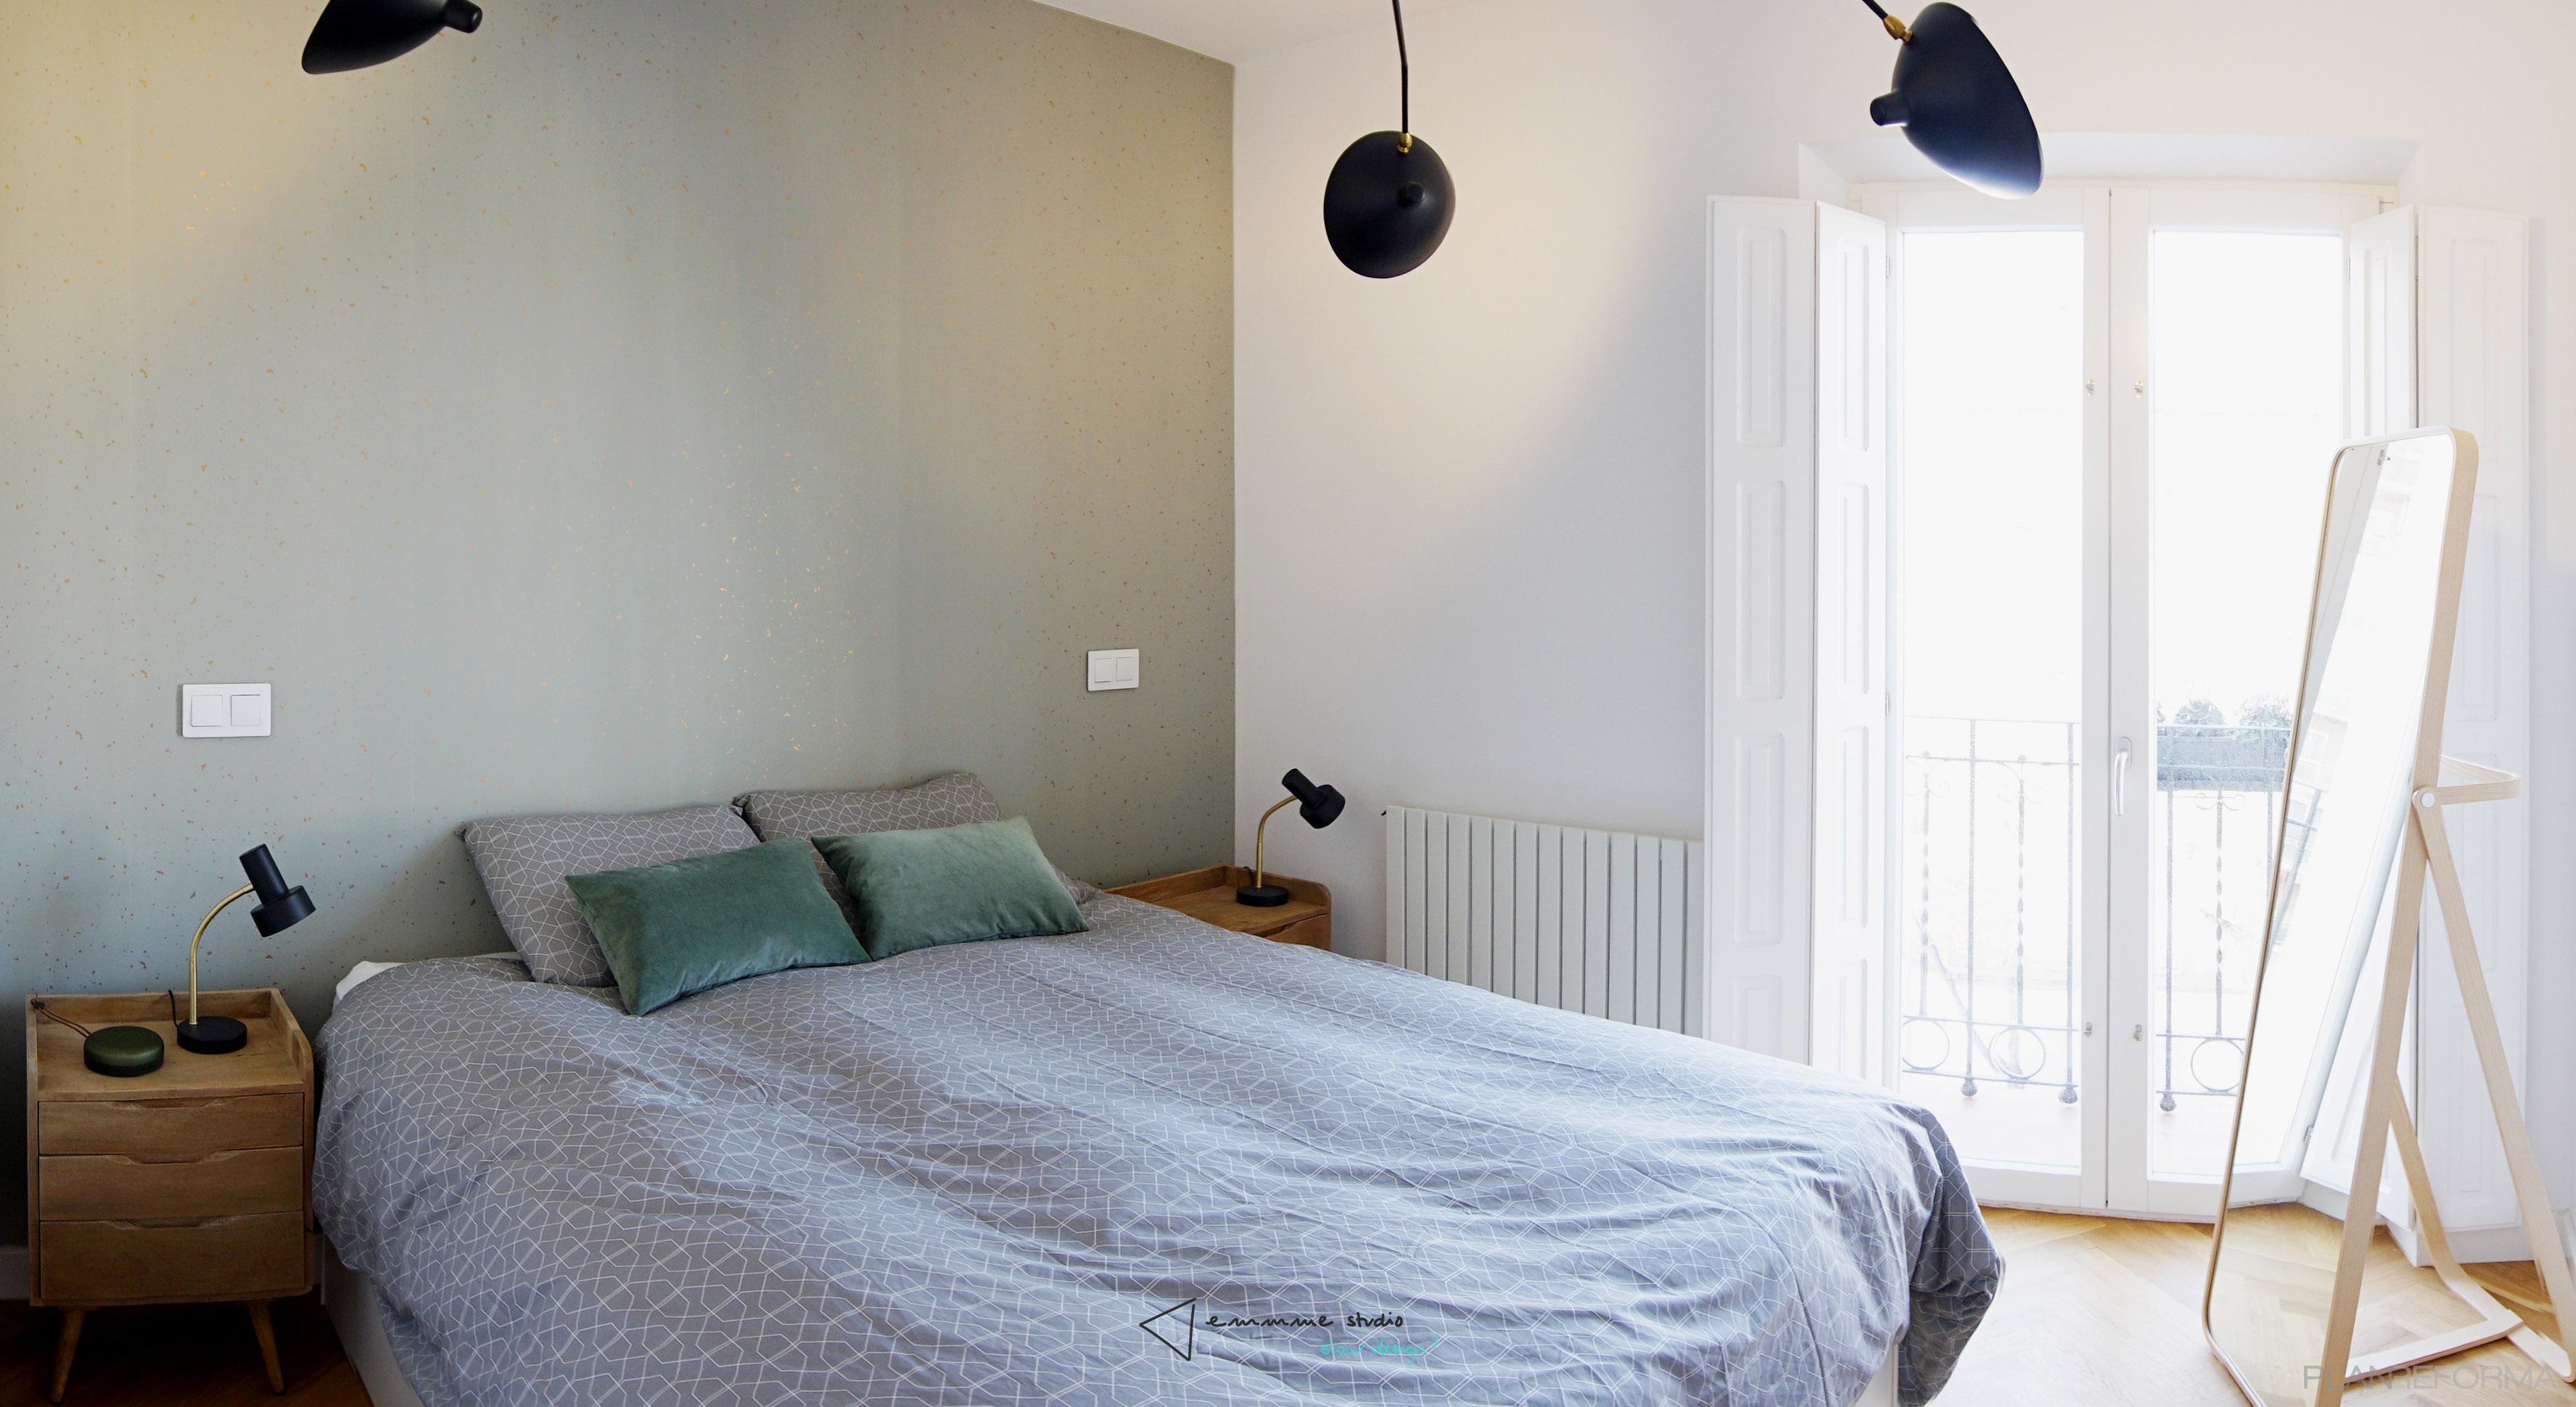 Dormitorio Estilo eclectico Color gris  diseñado por emmme studio | Arquitecto | Copyright emmme studio